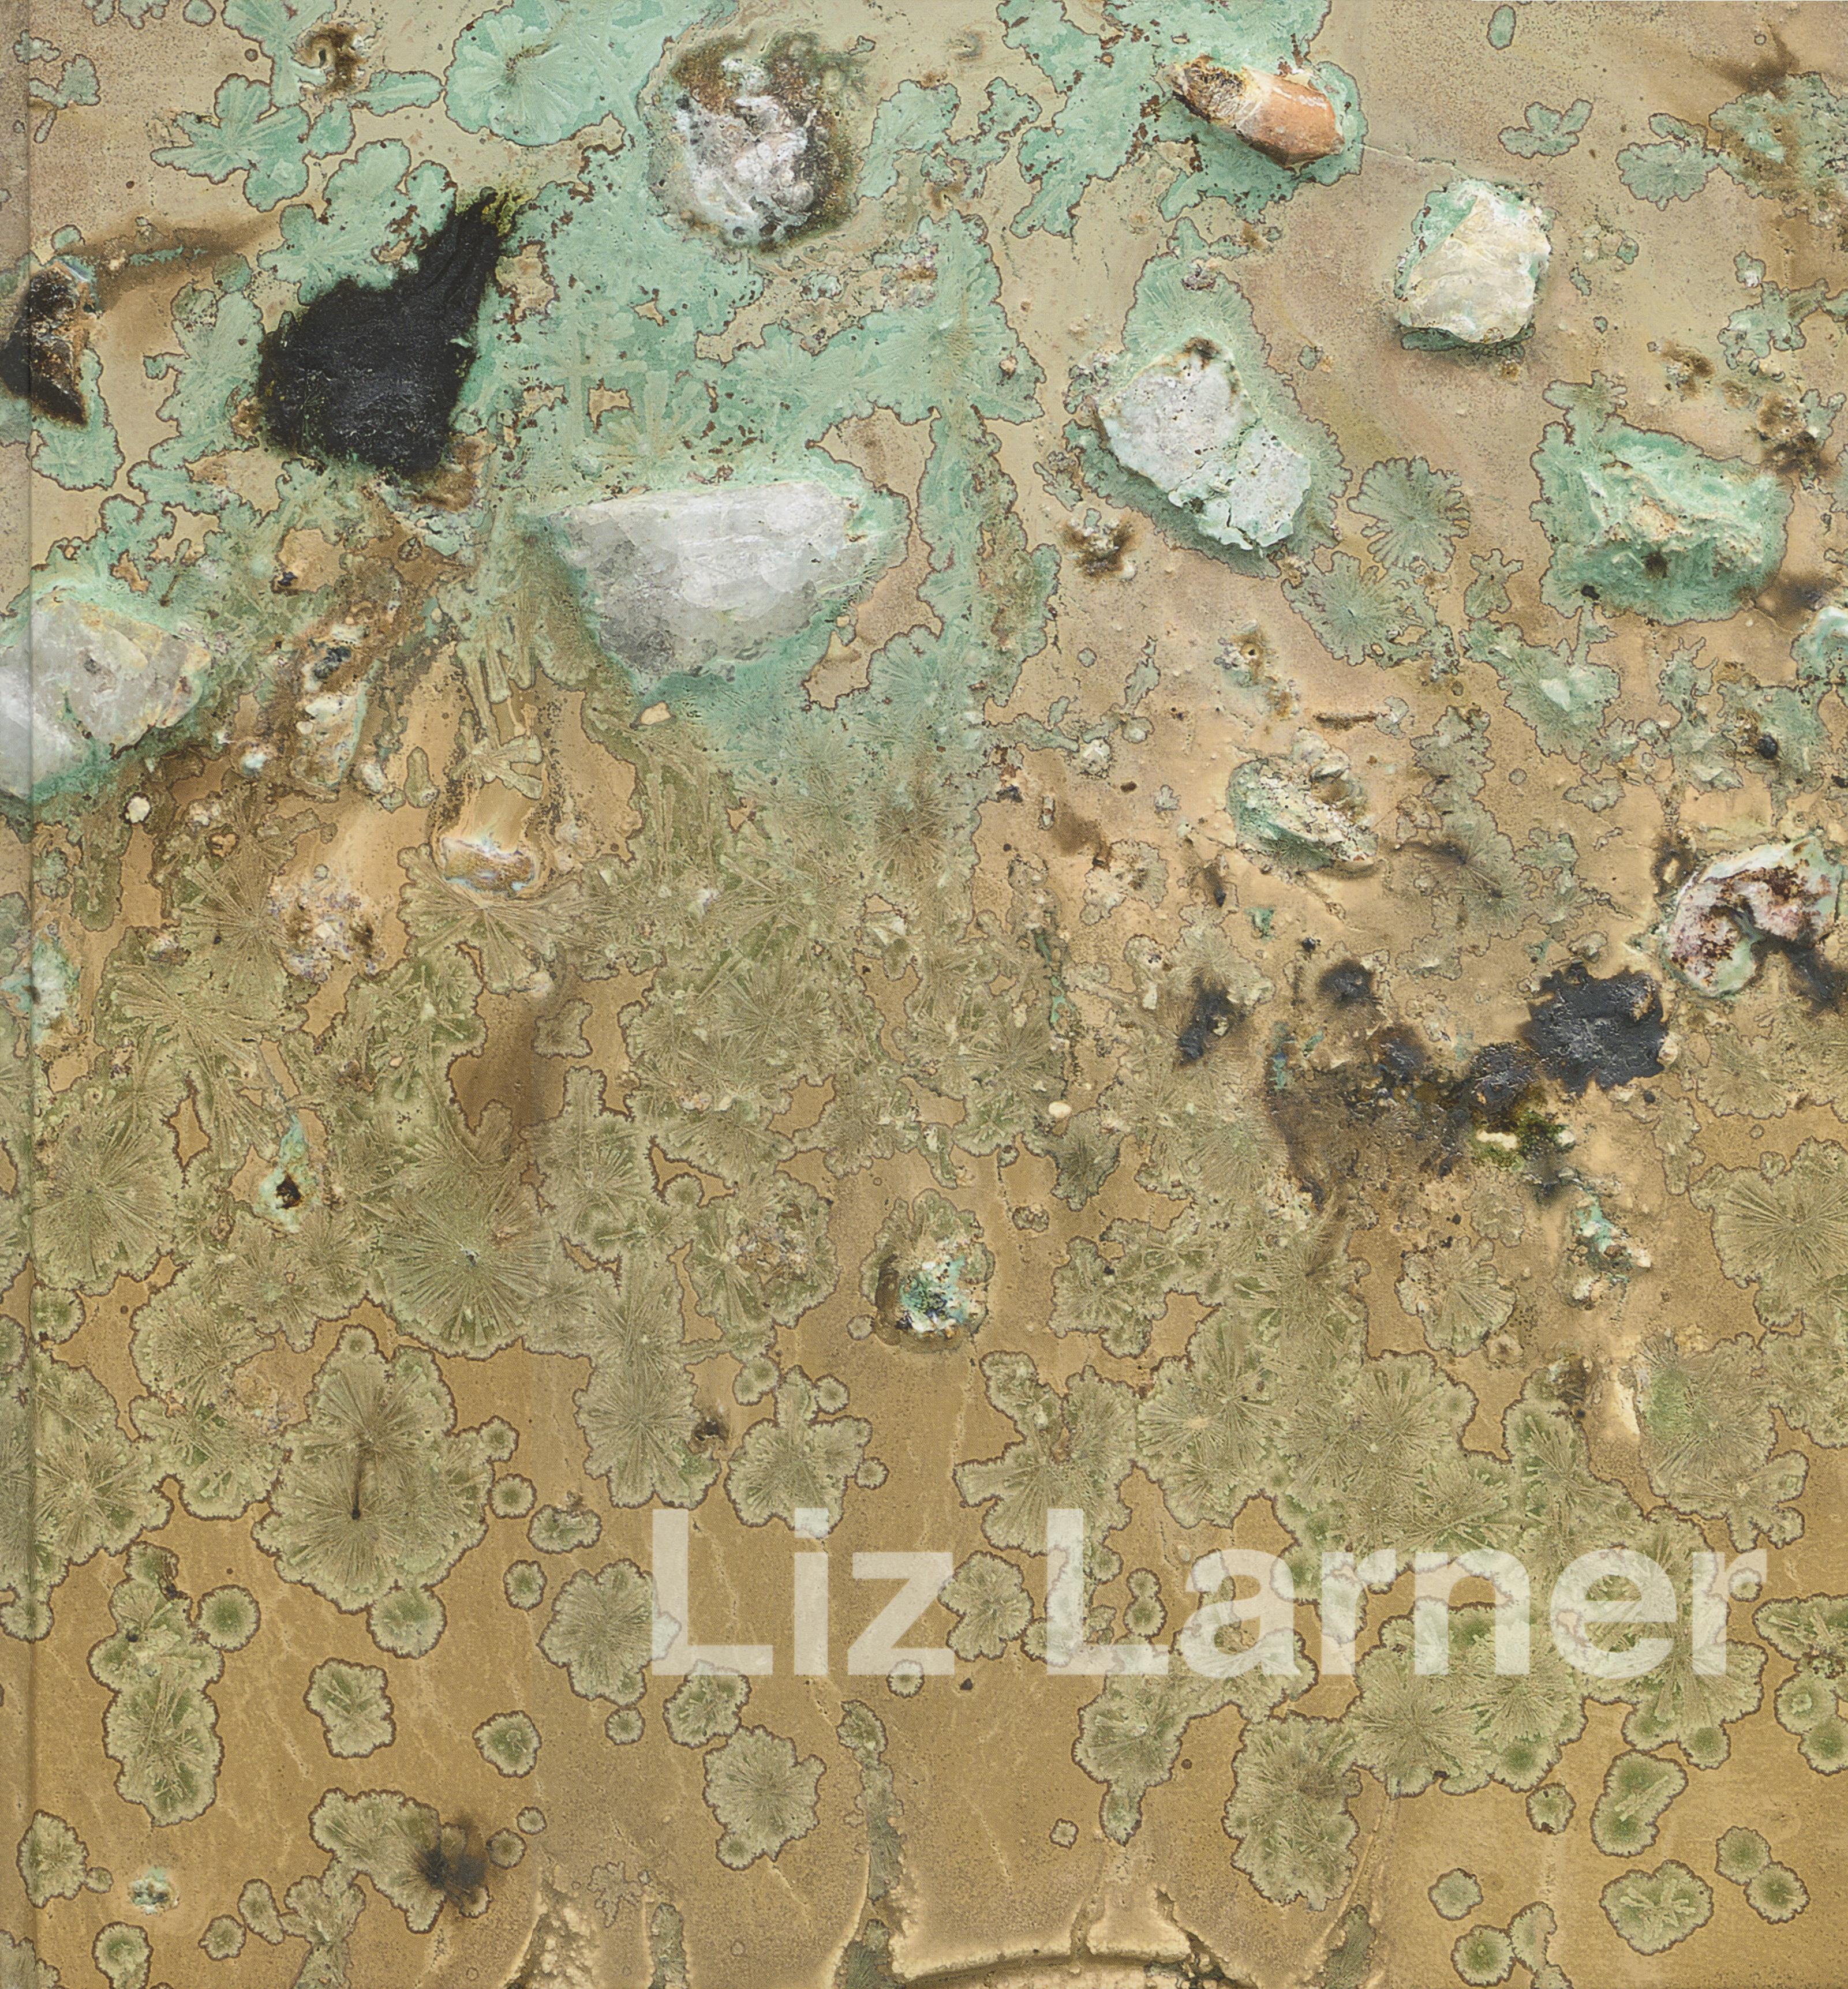 Liz Larner - Galerie Max Hetzler